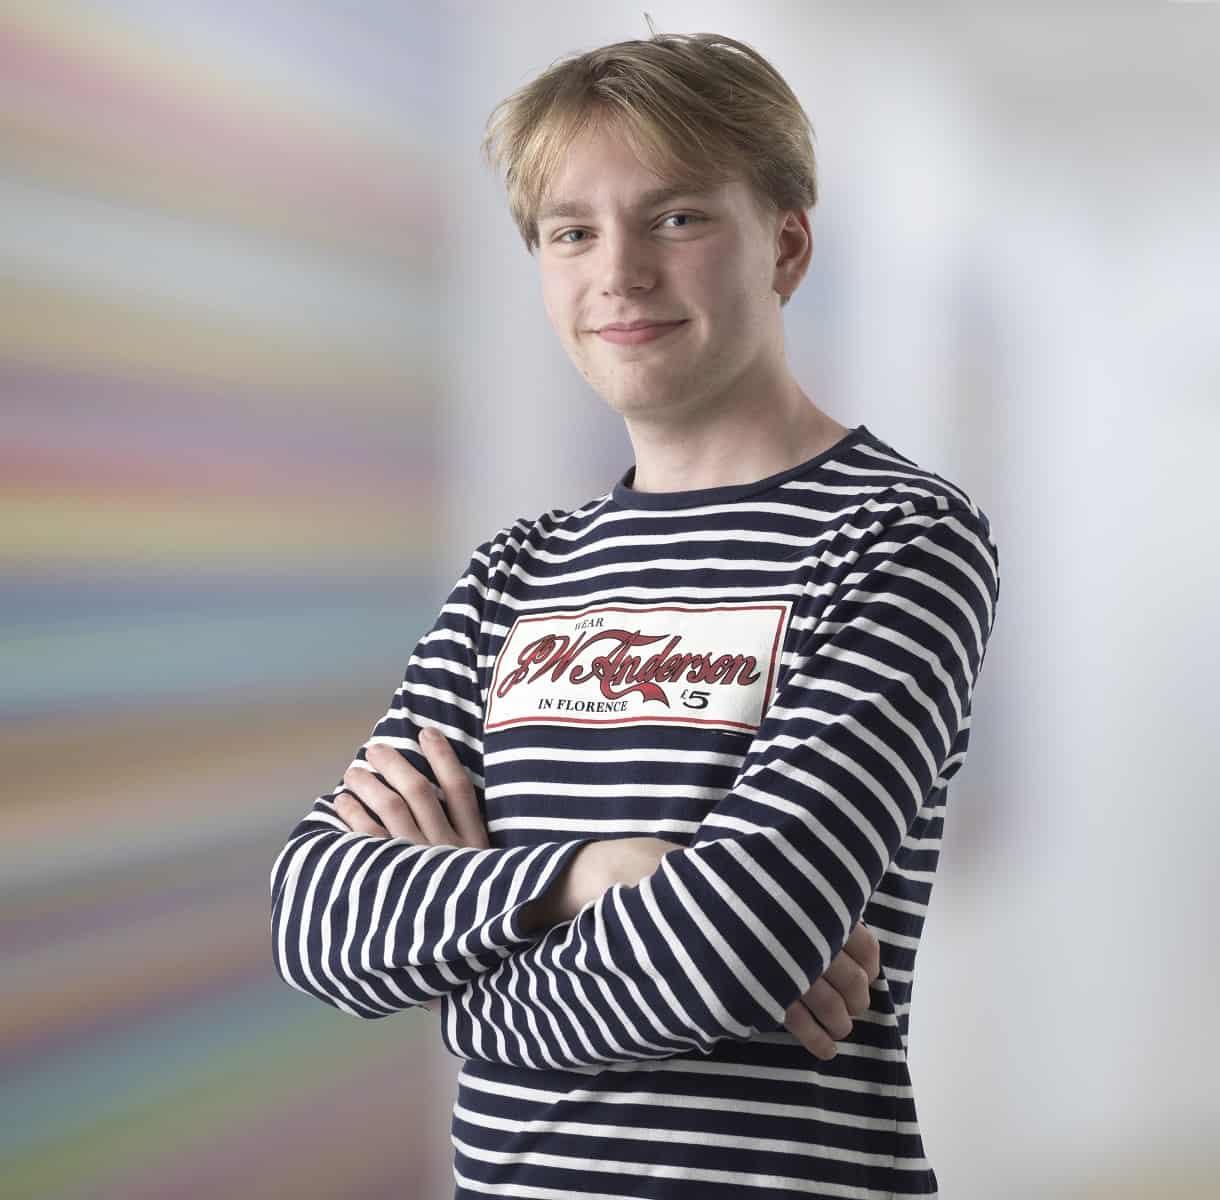 Sofus Rasmussen